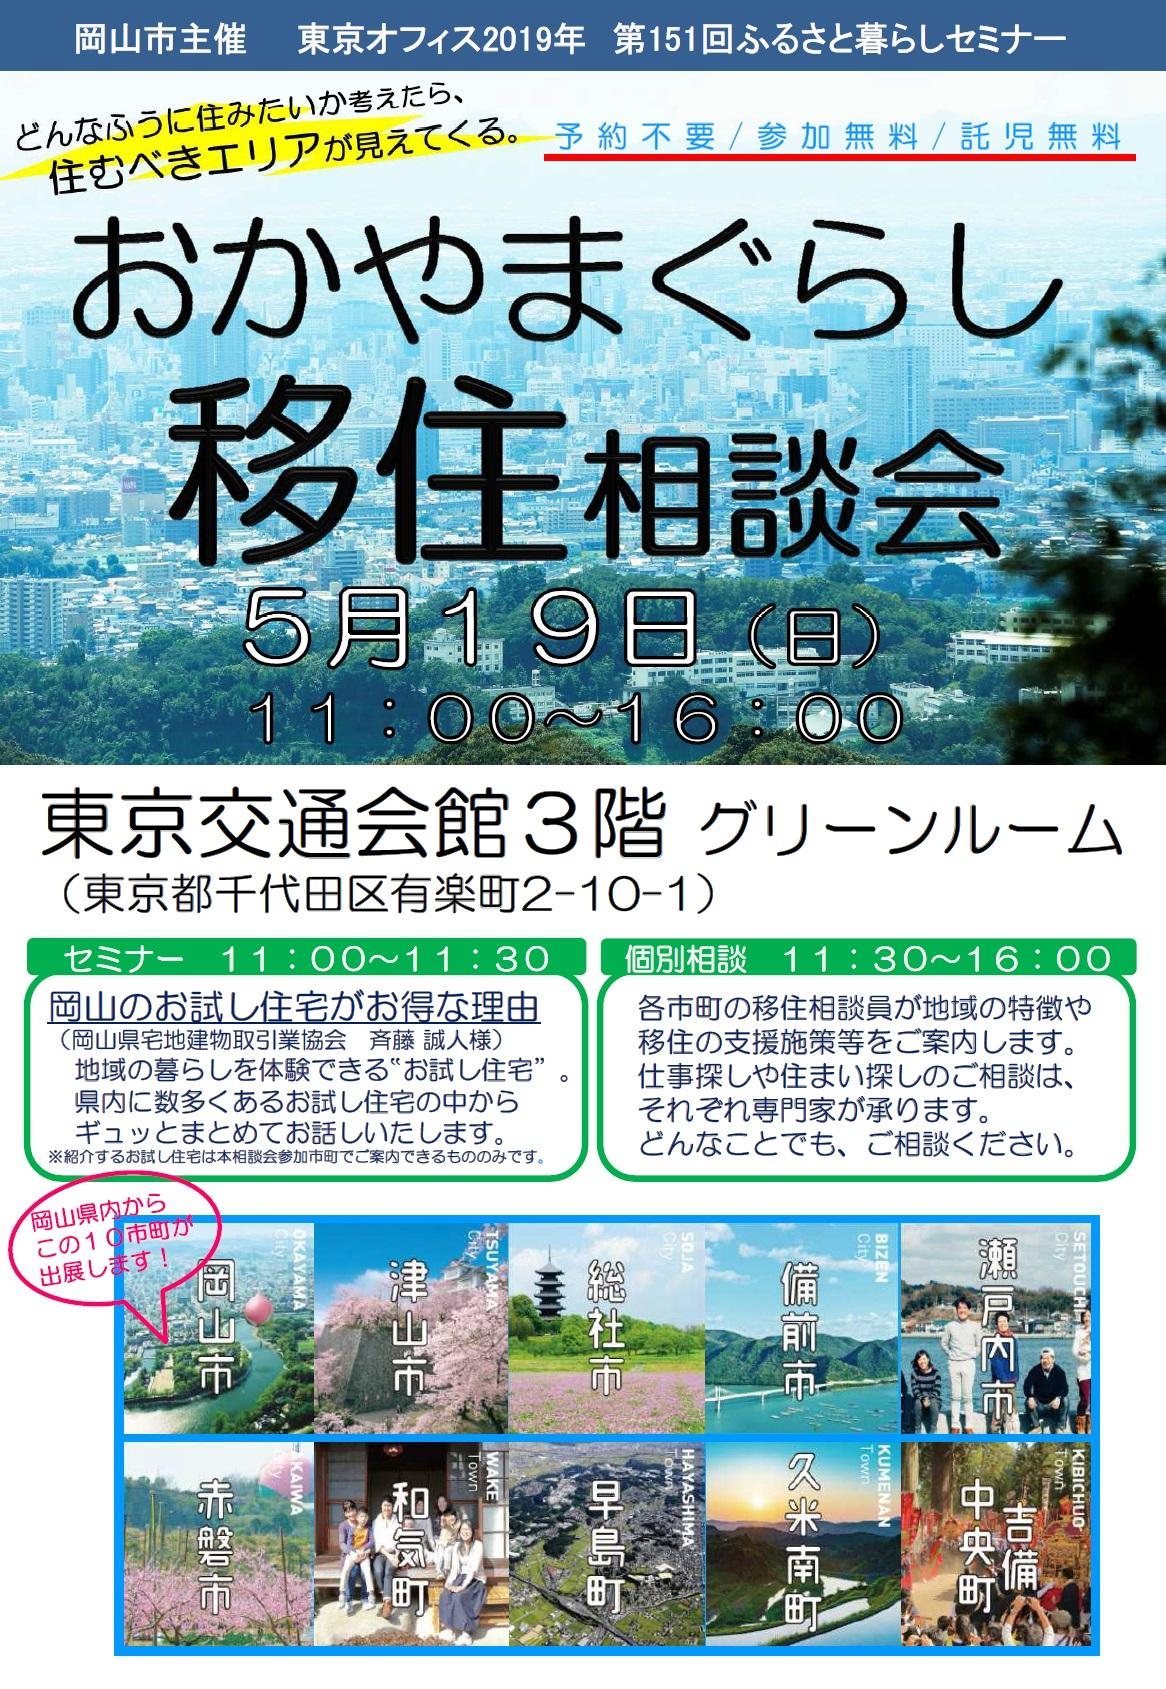 https://www.okayama-iju.jp/municipality/01okayama/img/190519%E3%83%81%E3%83%A9%E3%82%B7%EF%BC%88%E8%A1%A8%EF%BC%89.jpg